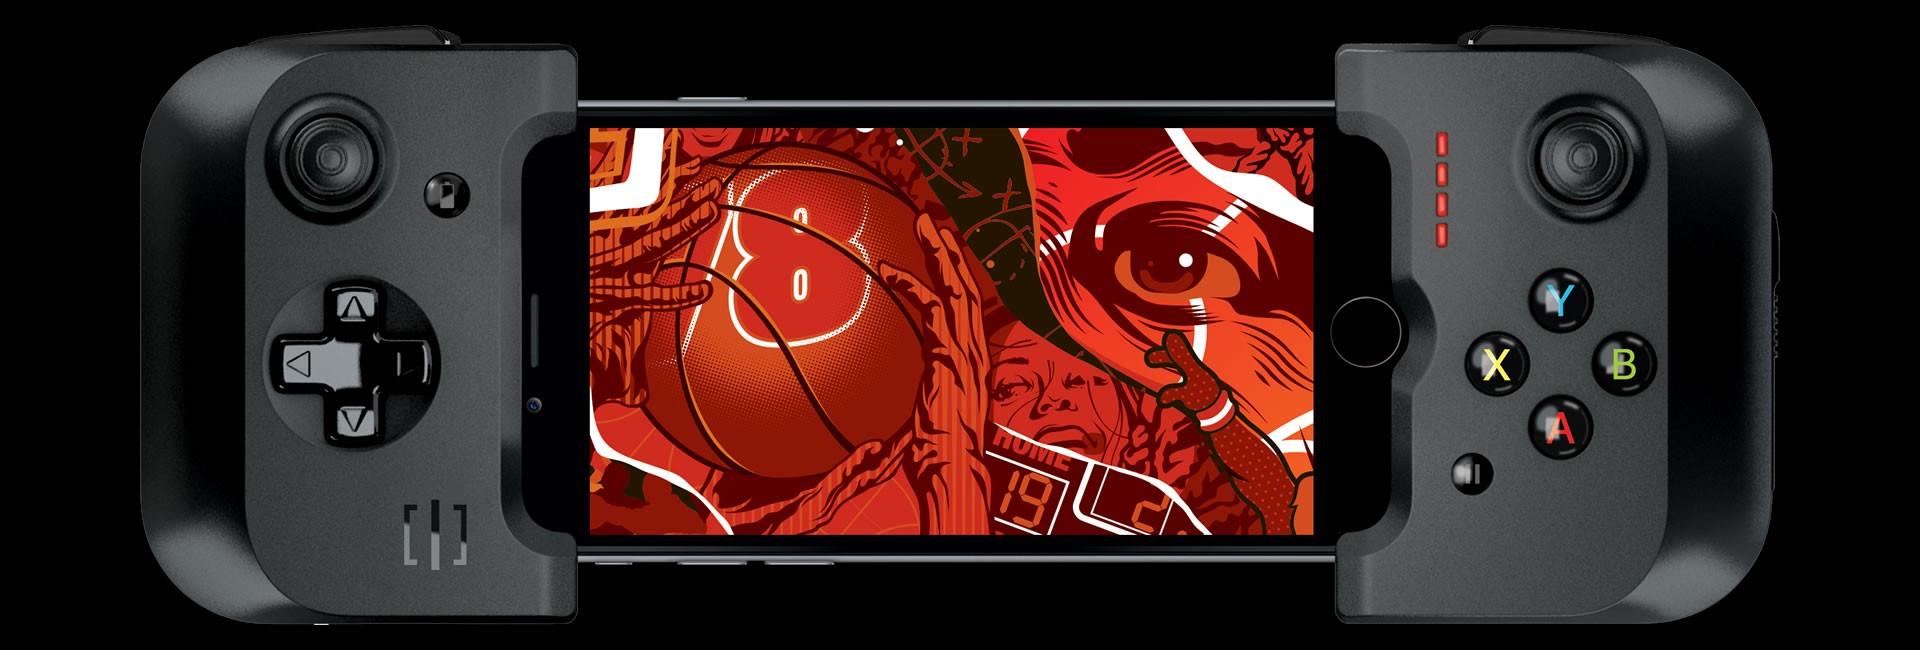 Игровой контроллер Gamevice для iPhone 6 / 6 Plus и iPhone 6S / 6S Plus